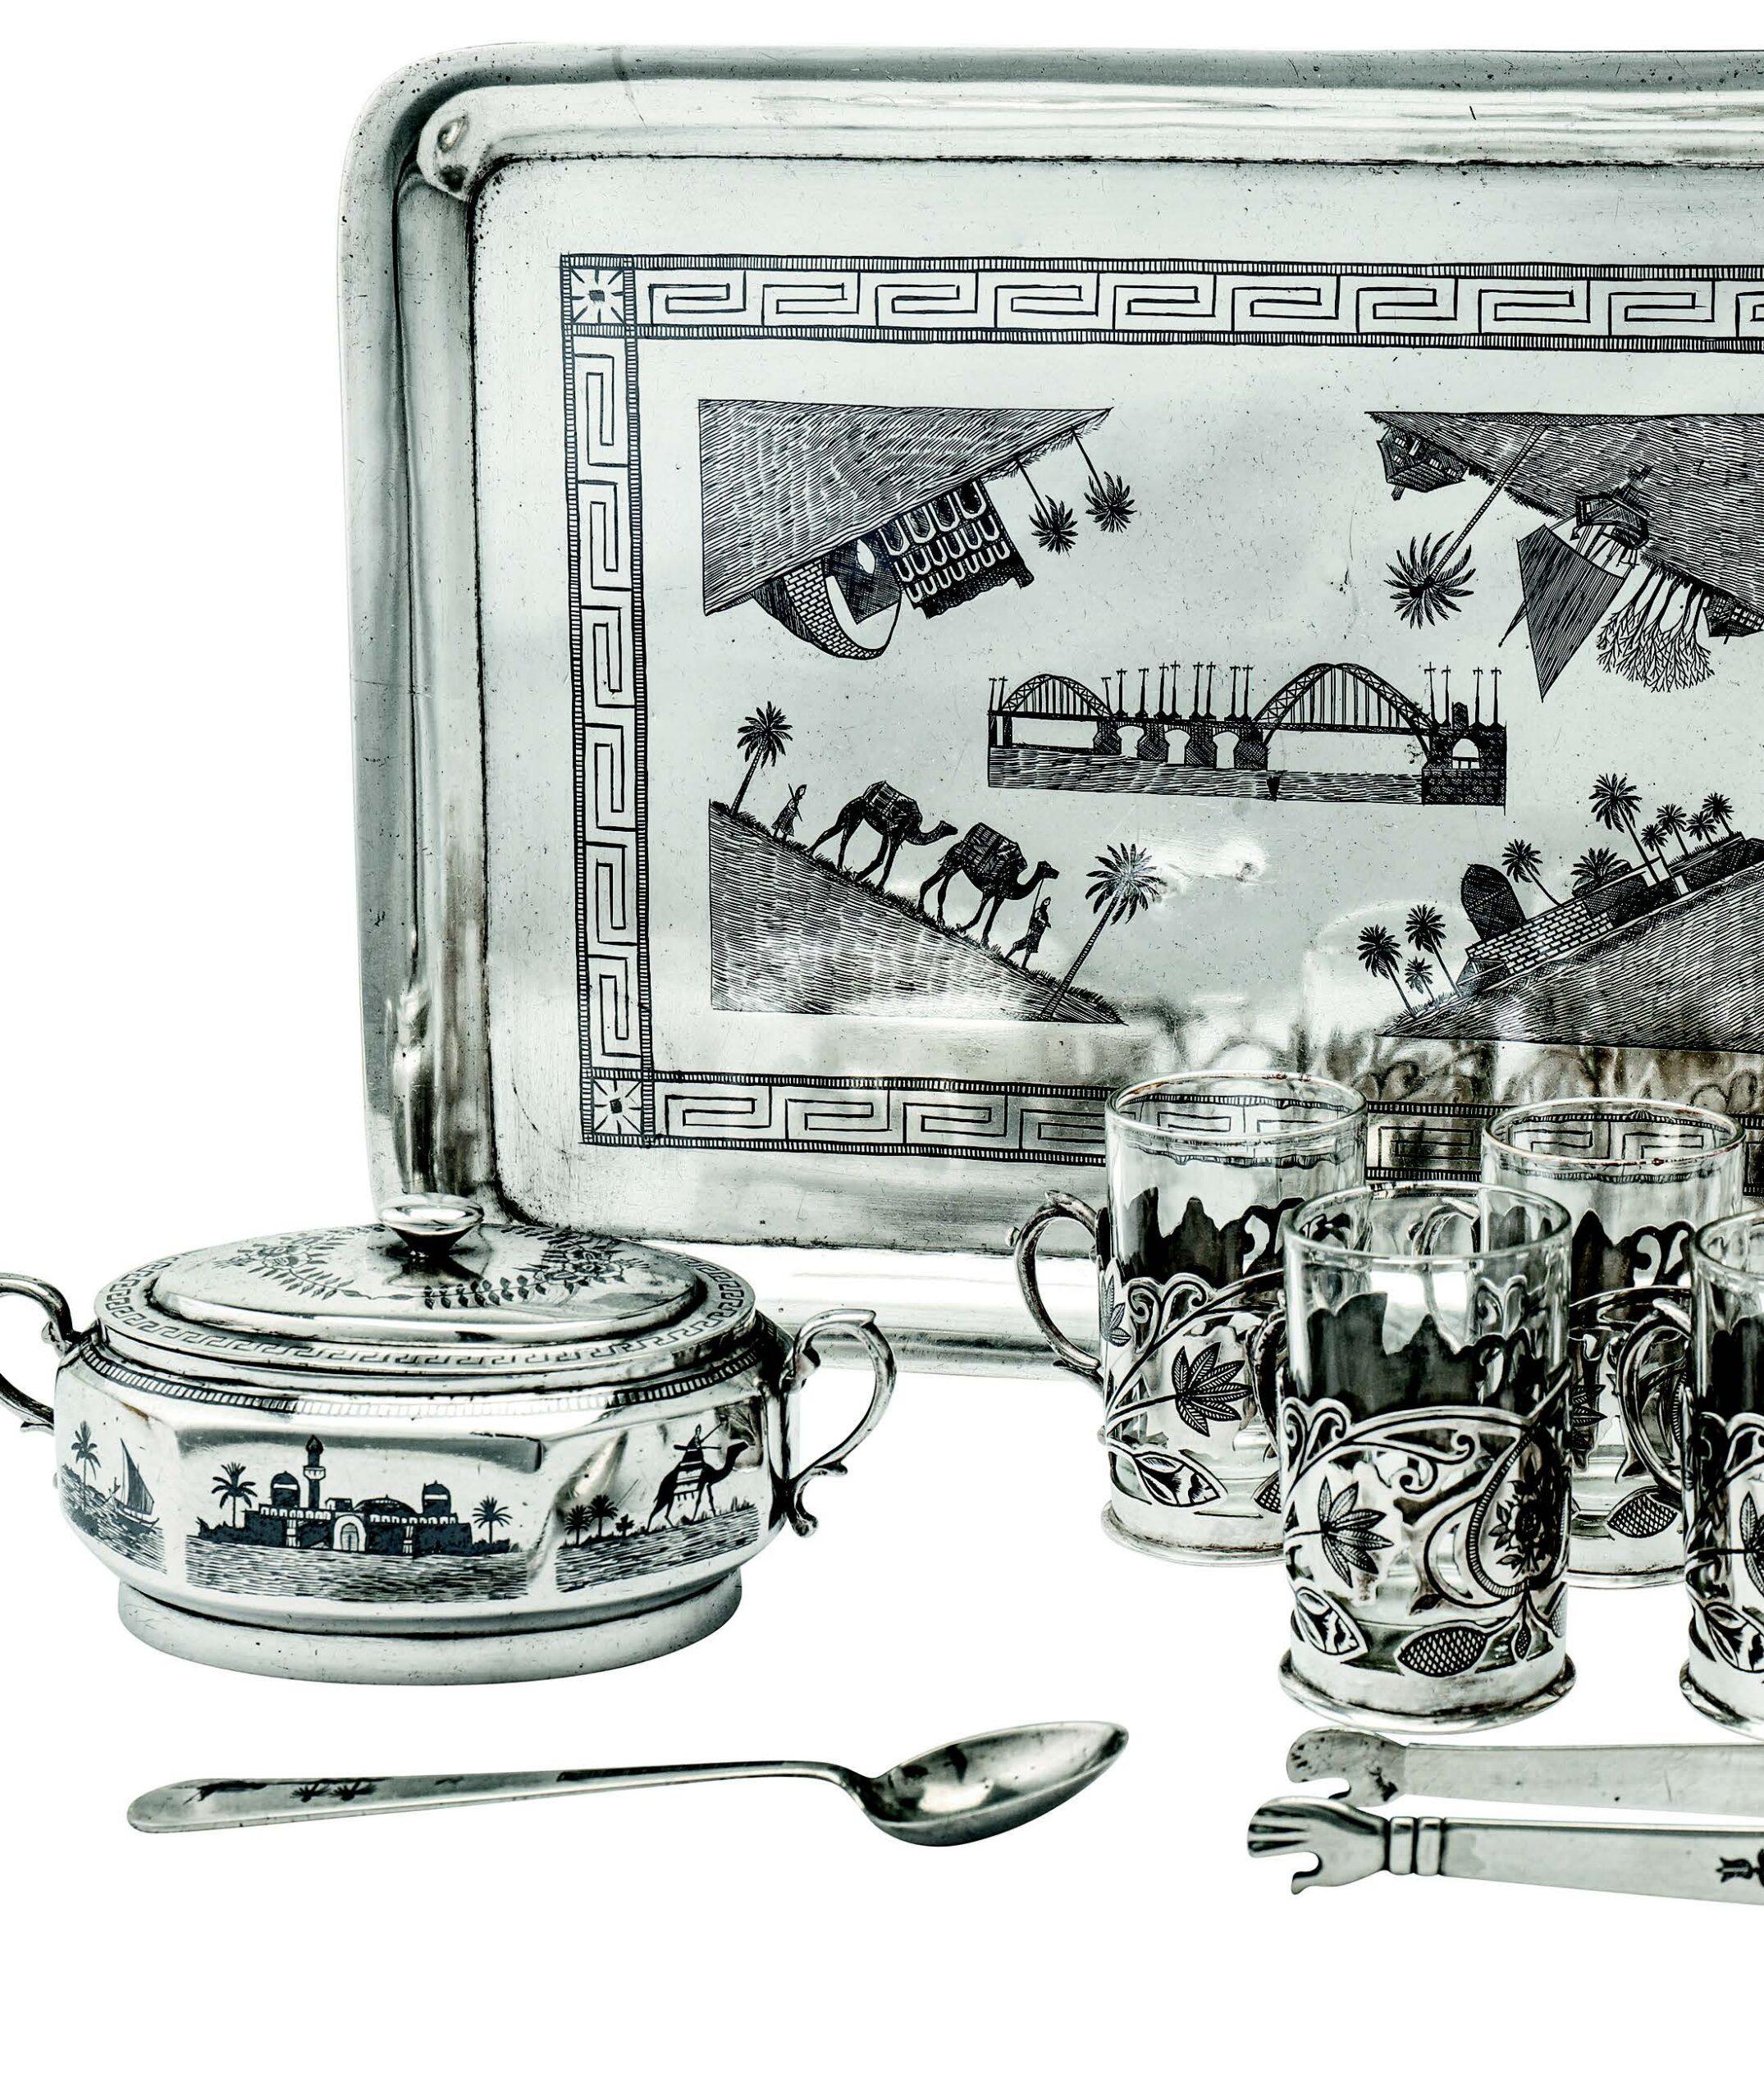 Antique silver niello ware from Iraq